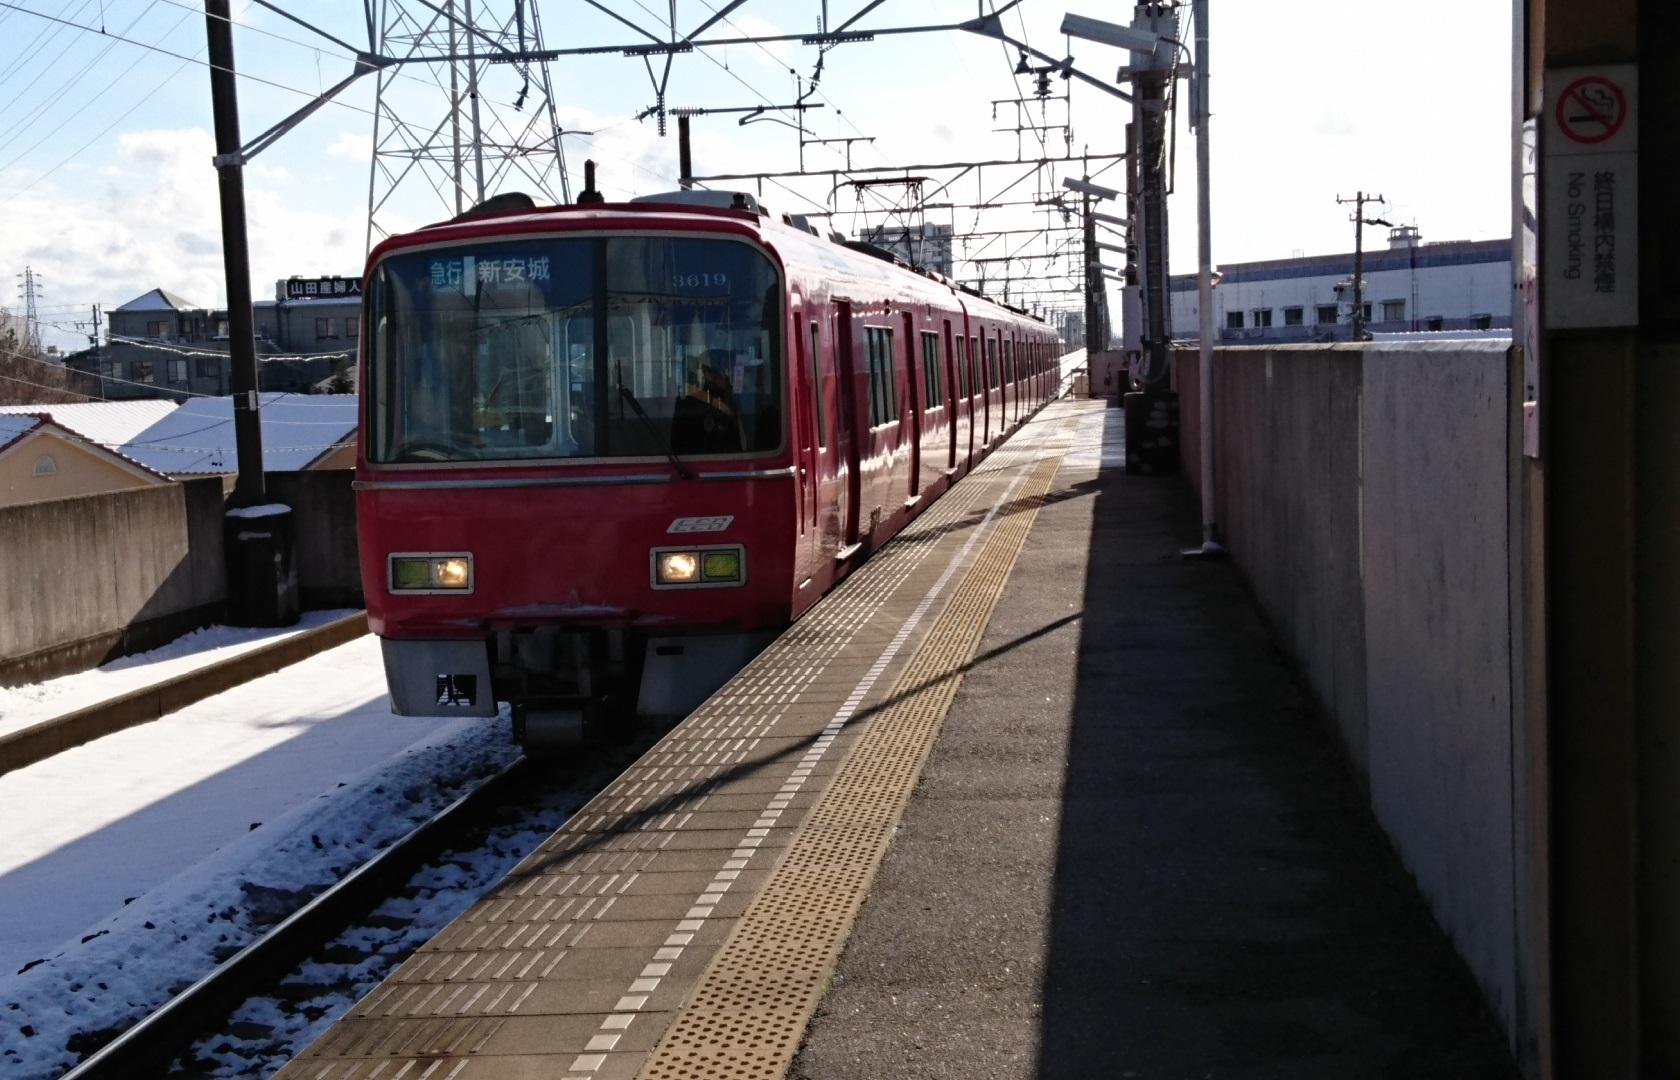 2017.1.15 西尾線 (19) 西尾口 - しんあんじょういき急行 1680-1080